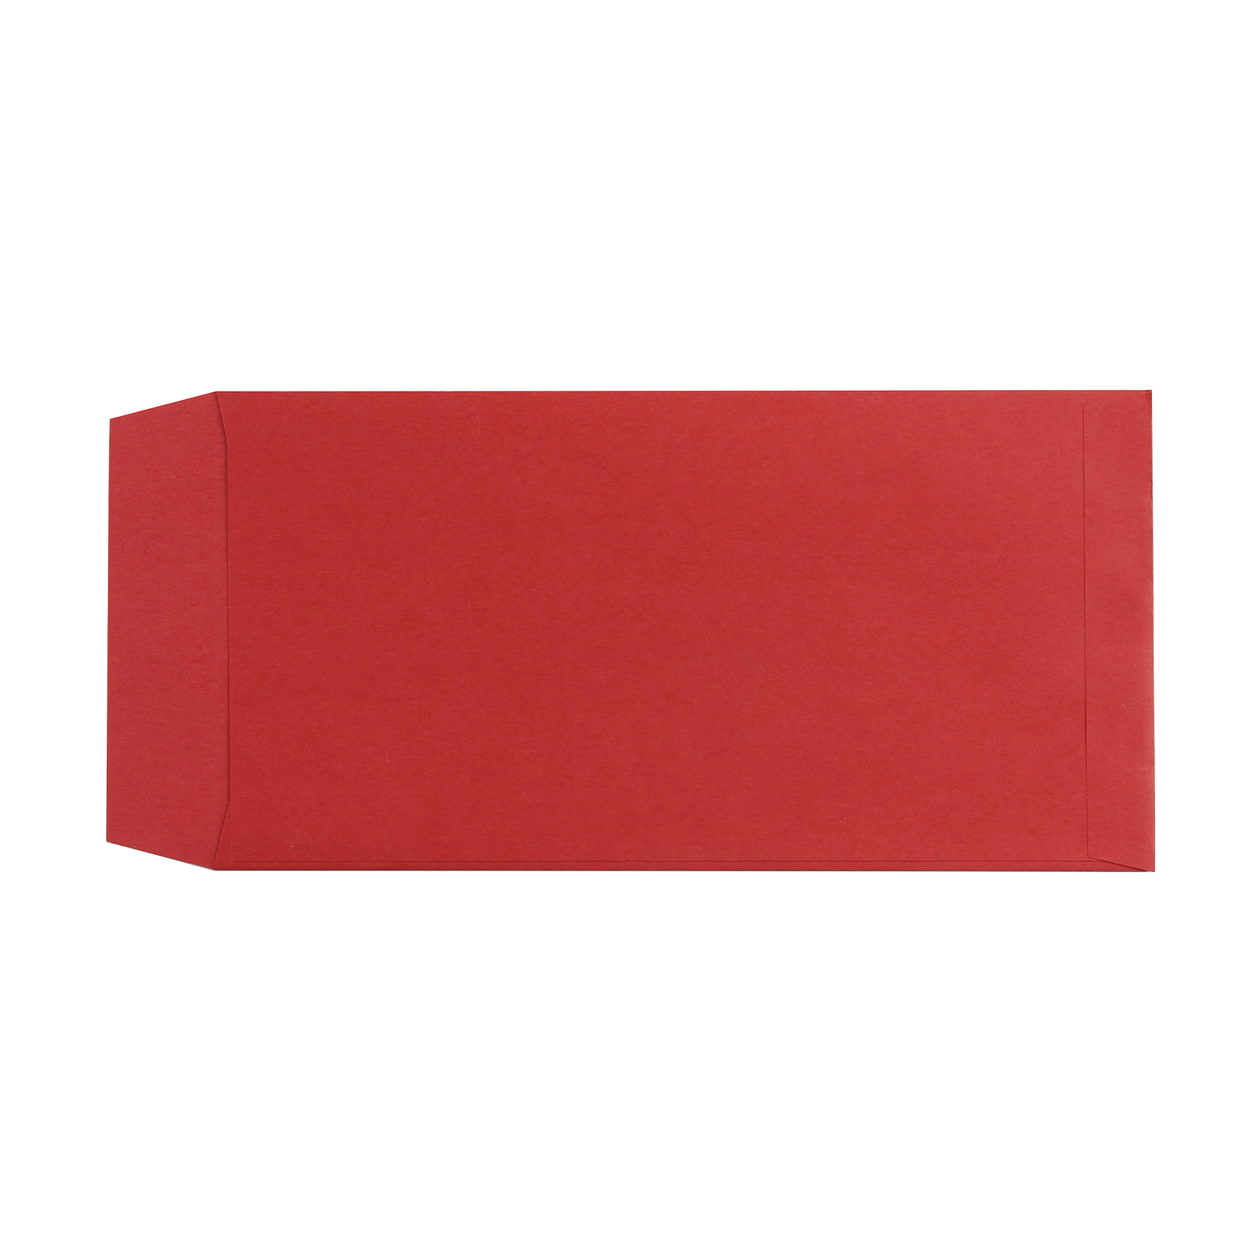 サンプル 封筒・袋 00171